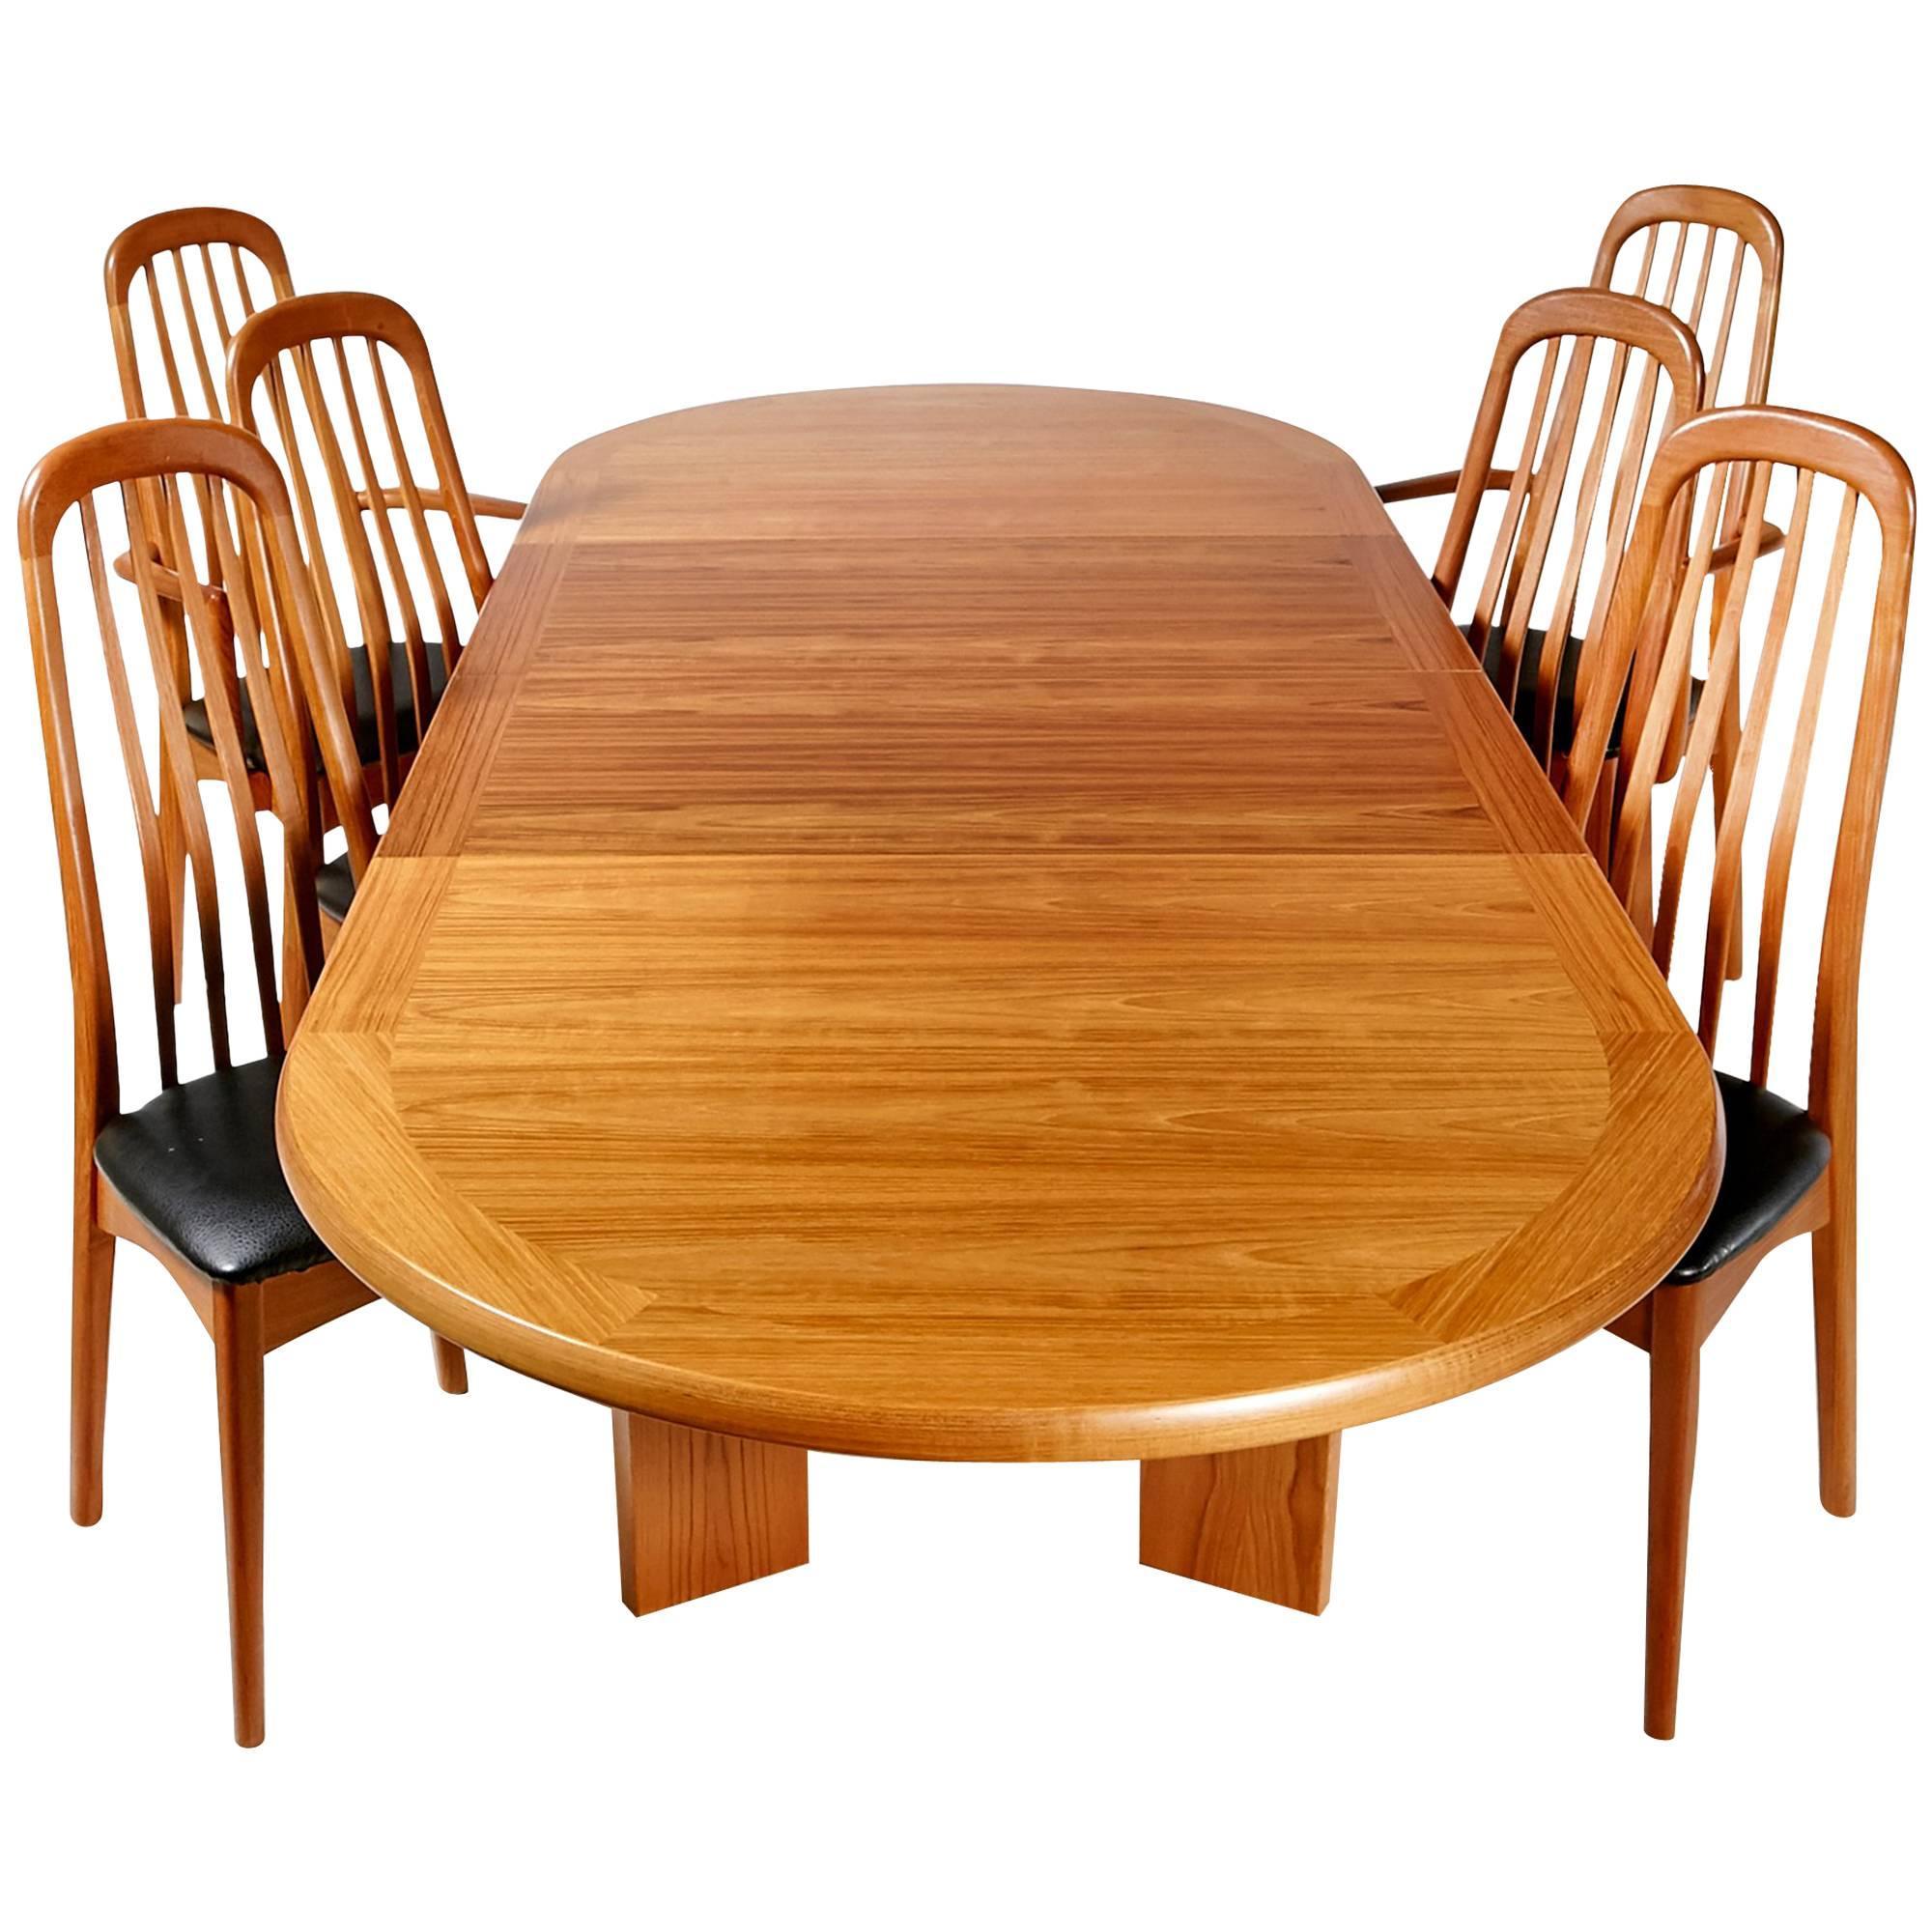 Benny Linden Scandinavian Style Teak Dining Room Set For Sale